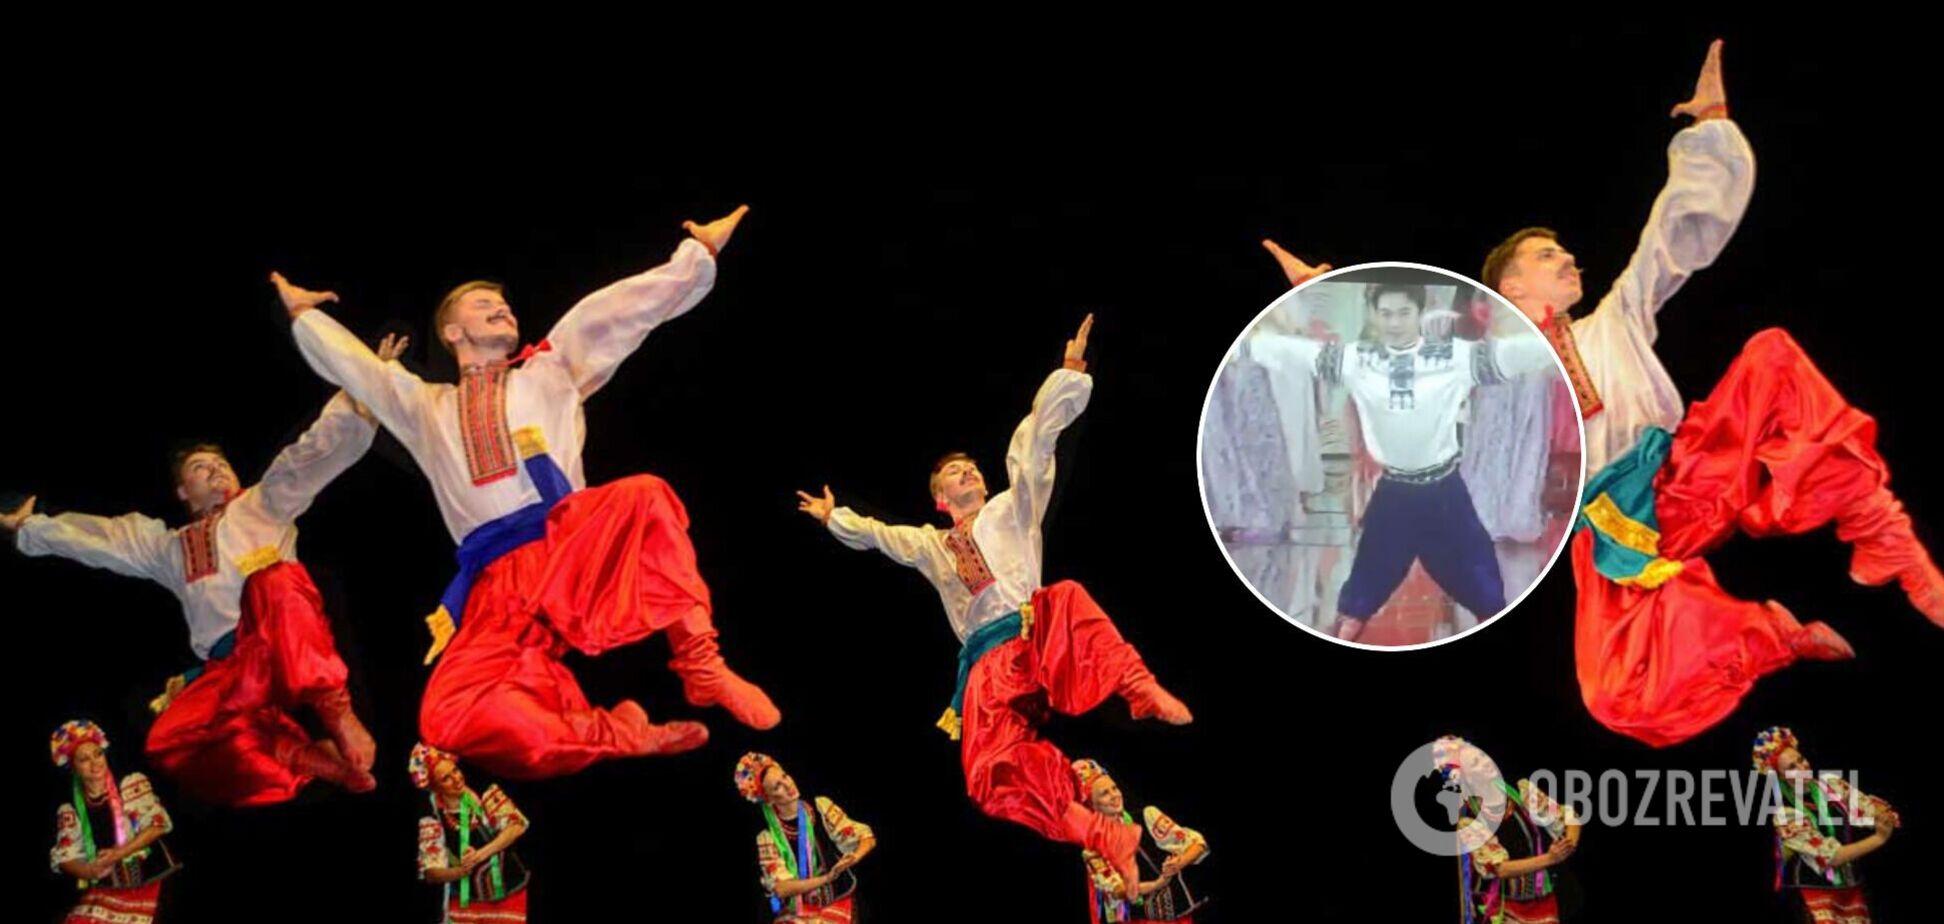 У Китаї український гопак назвали 'російським' і станцювали його на тлі Красної площі. Відео